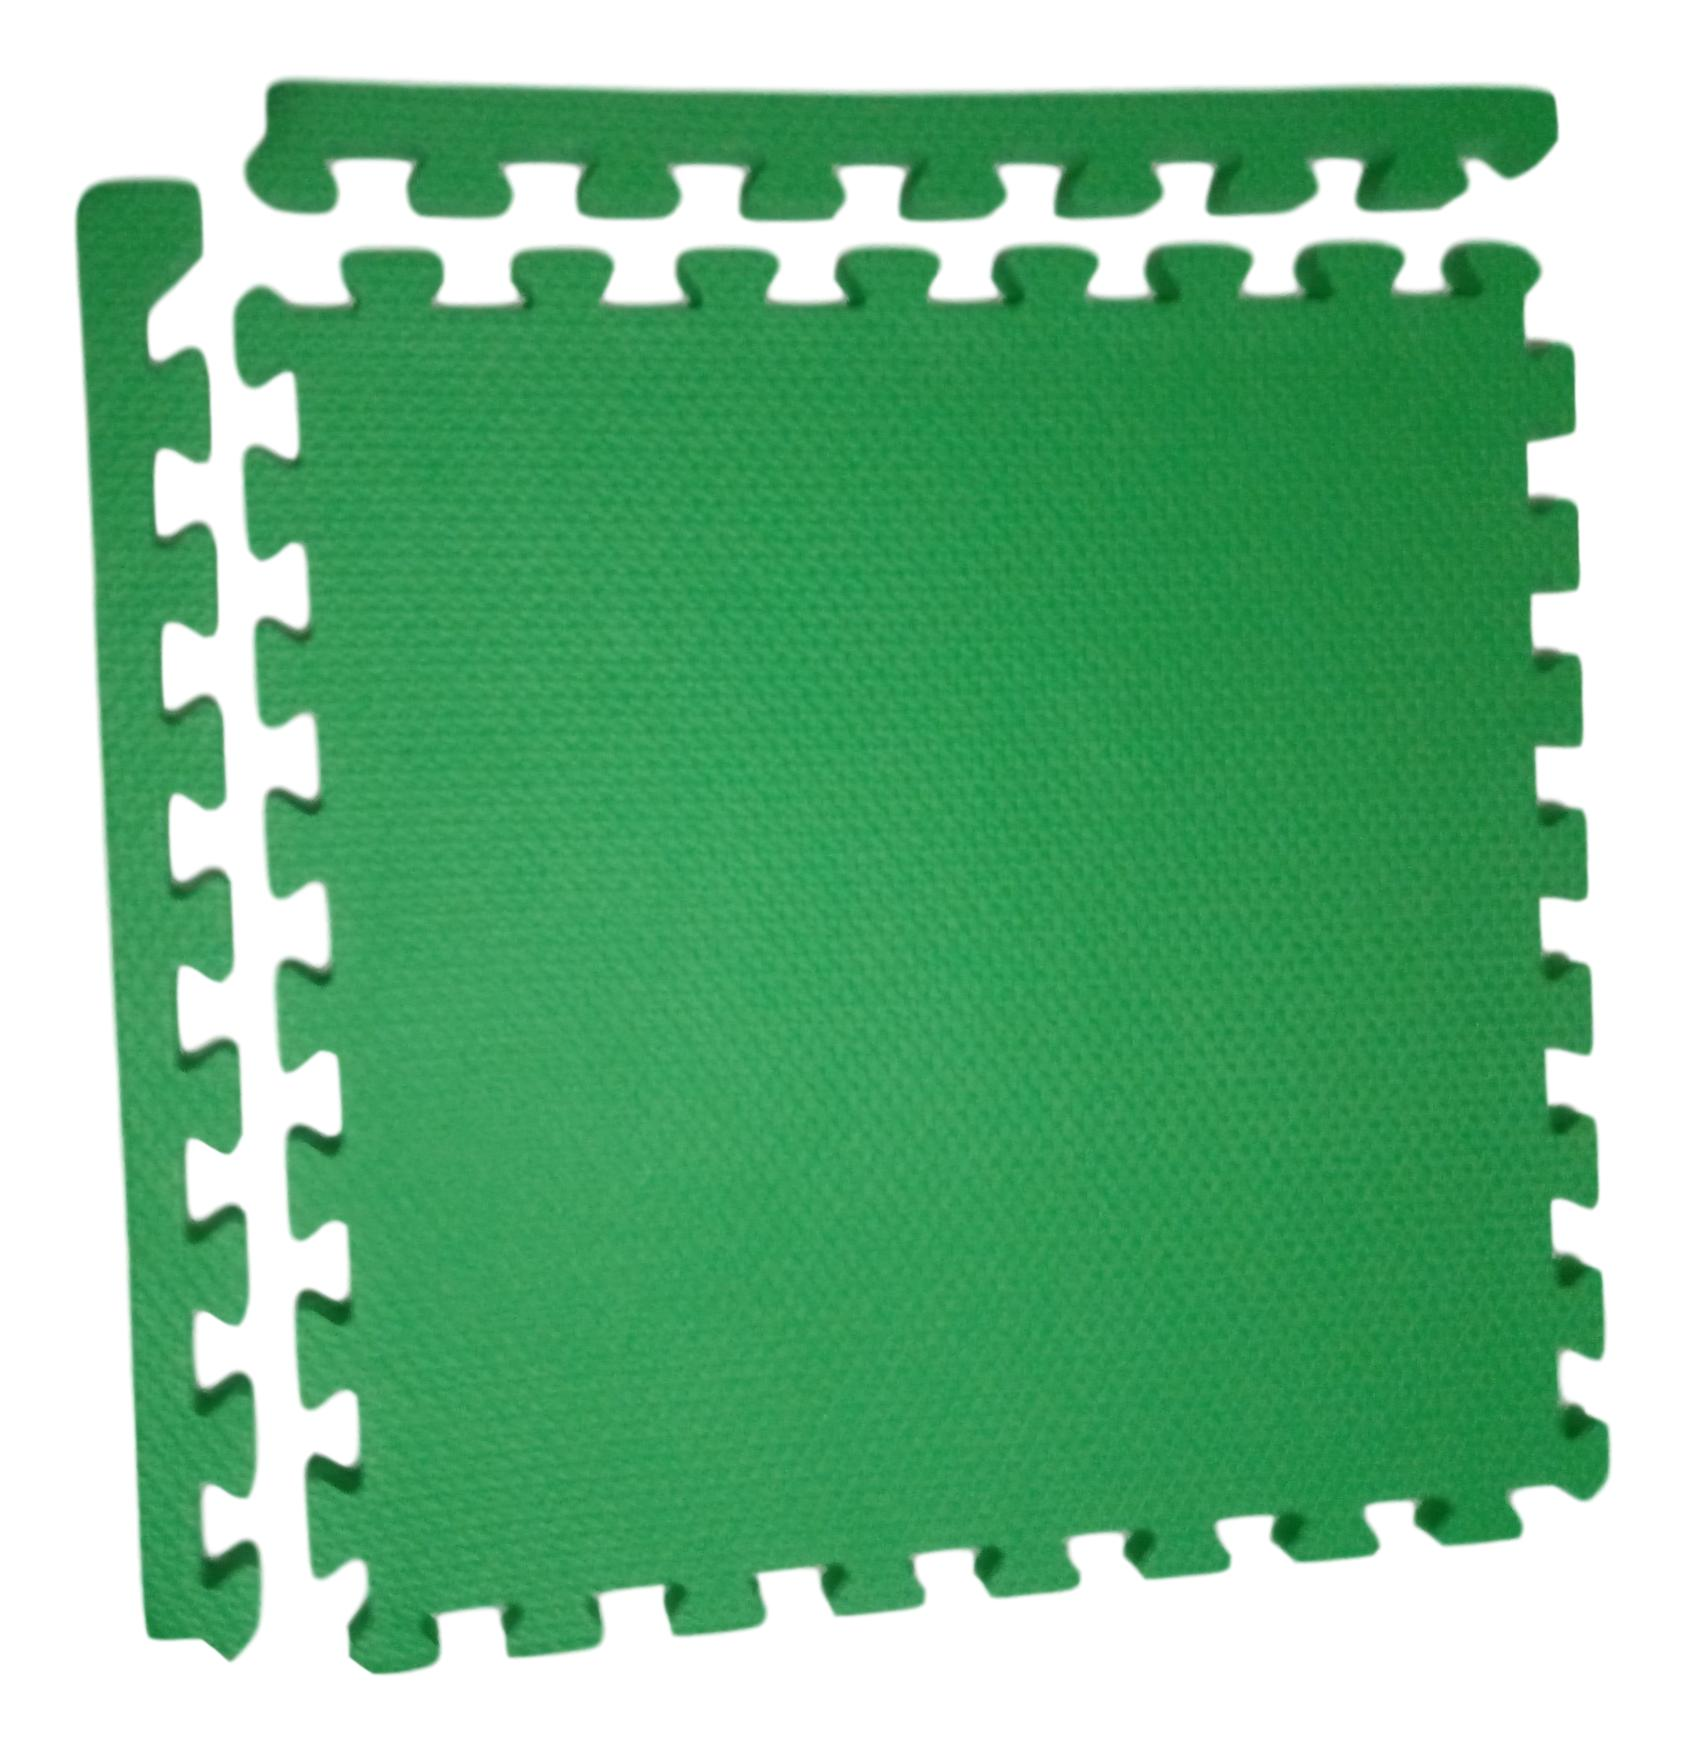 Kit 6 Tapetes Tatames Coloridos EVA 50 x 50 x 2cm com Borda